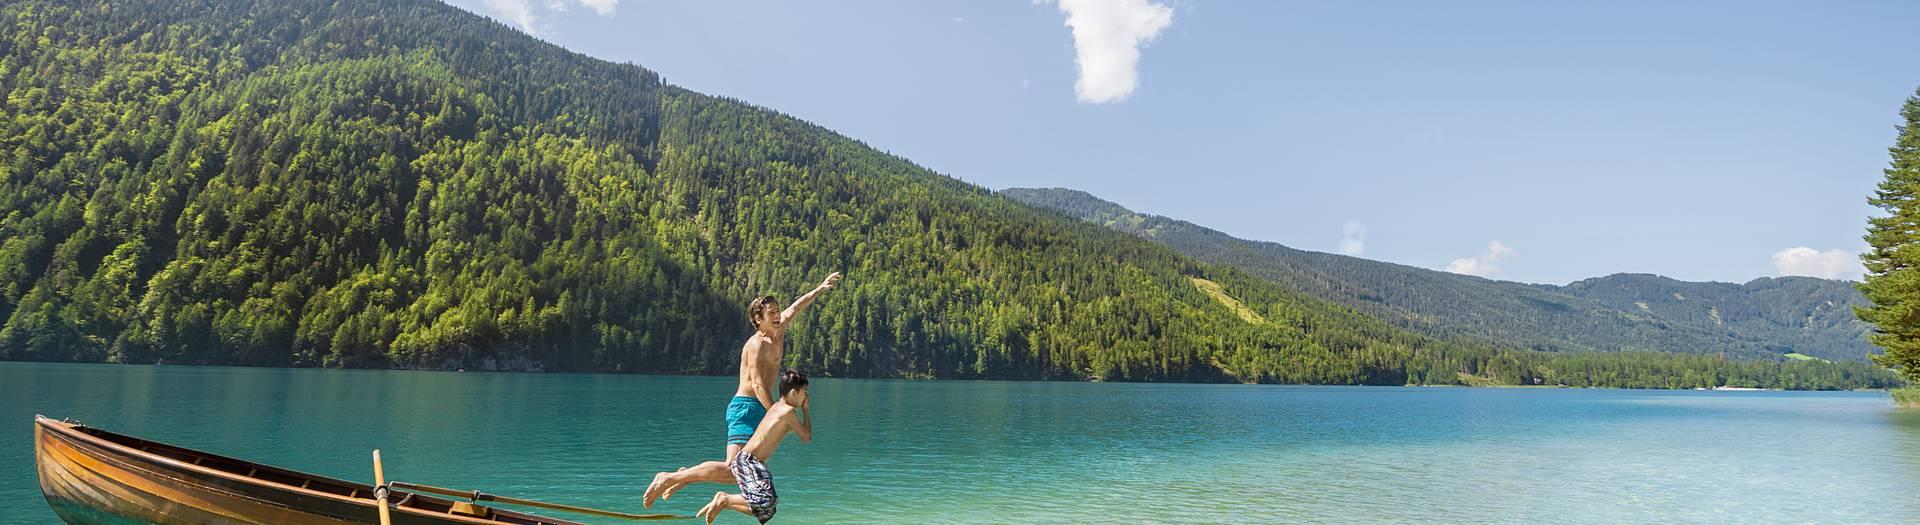 Badespaß am Weissensee